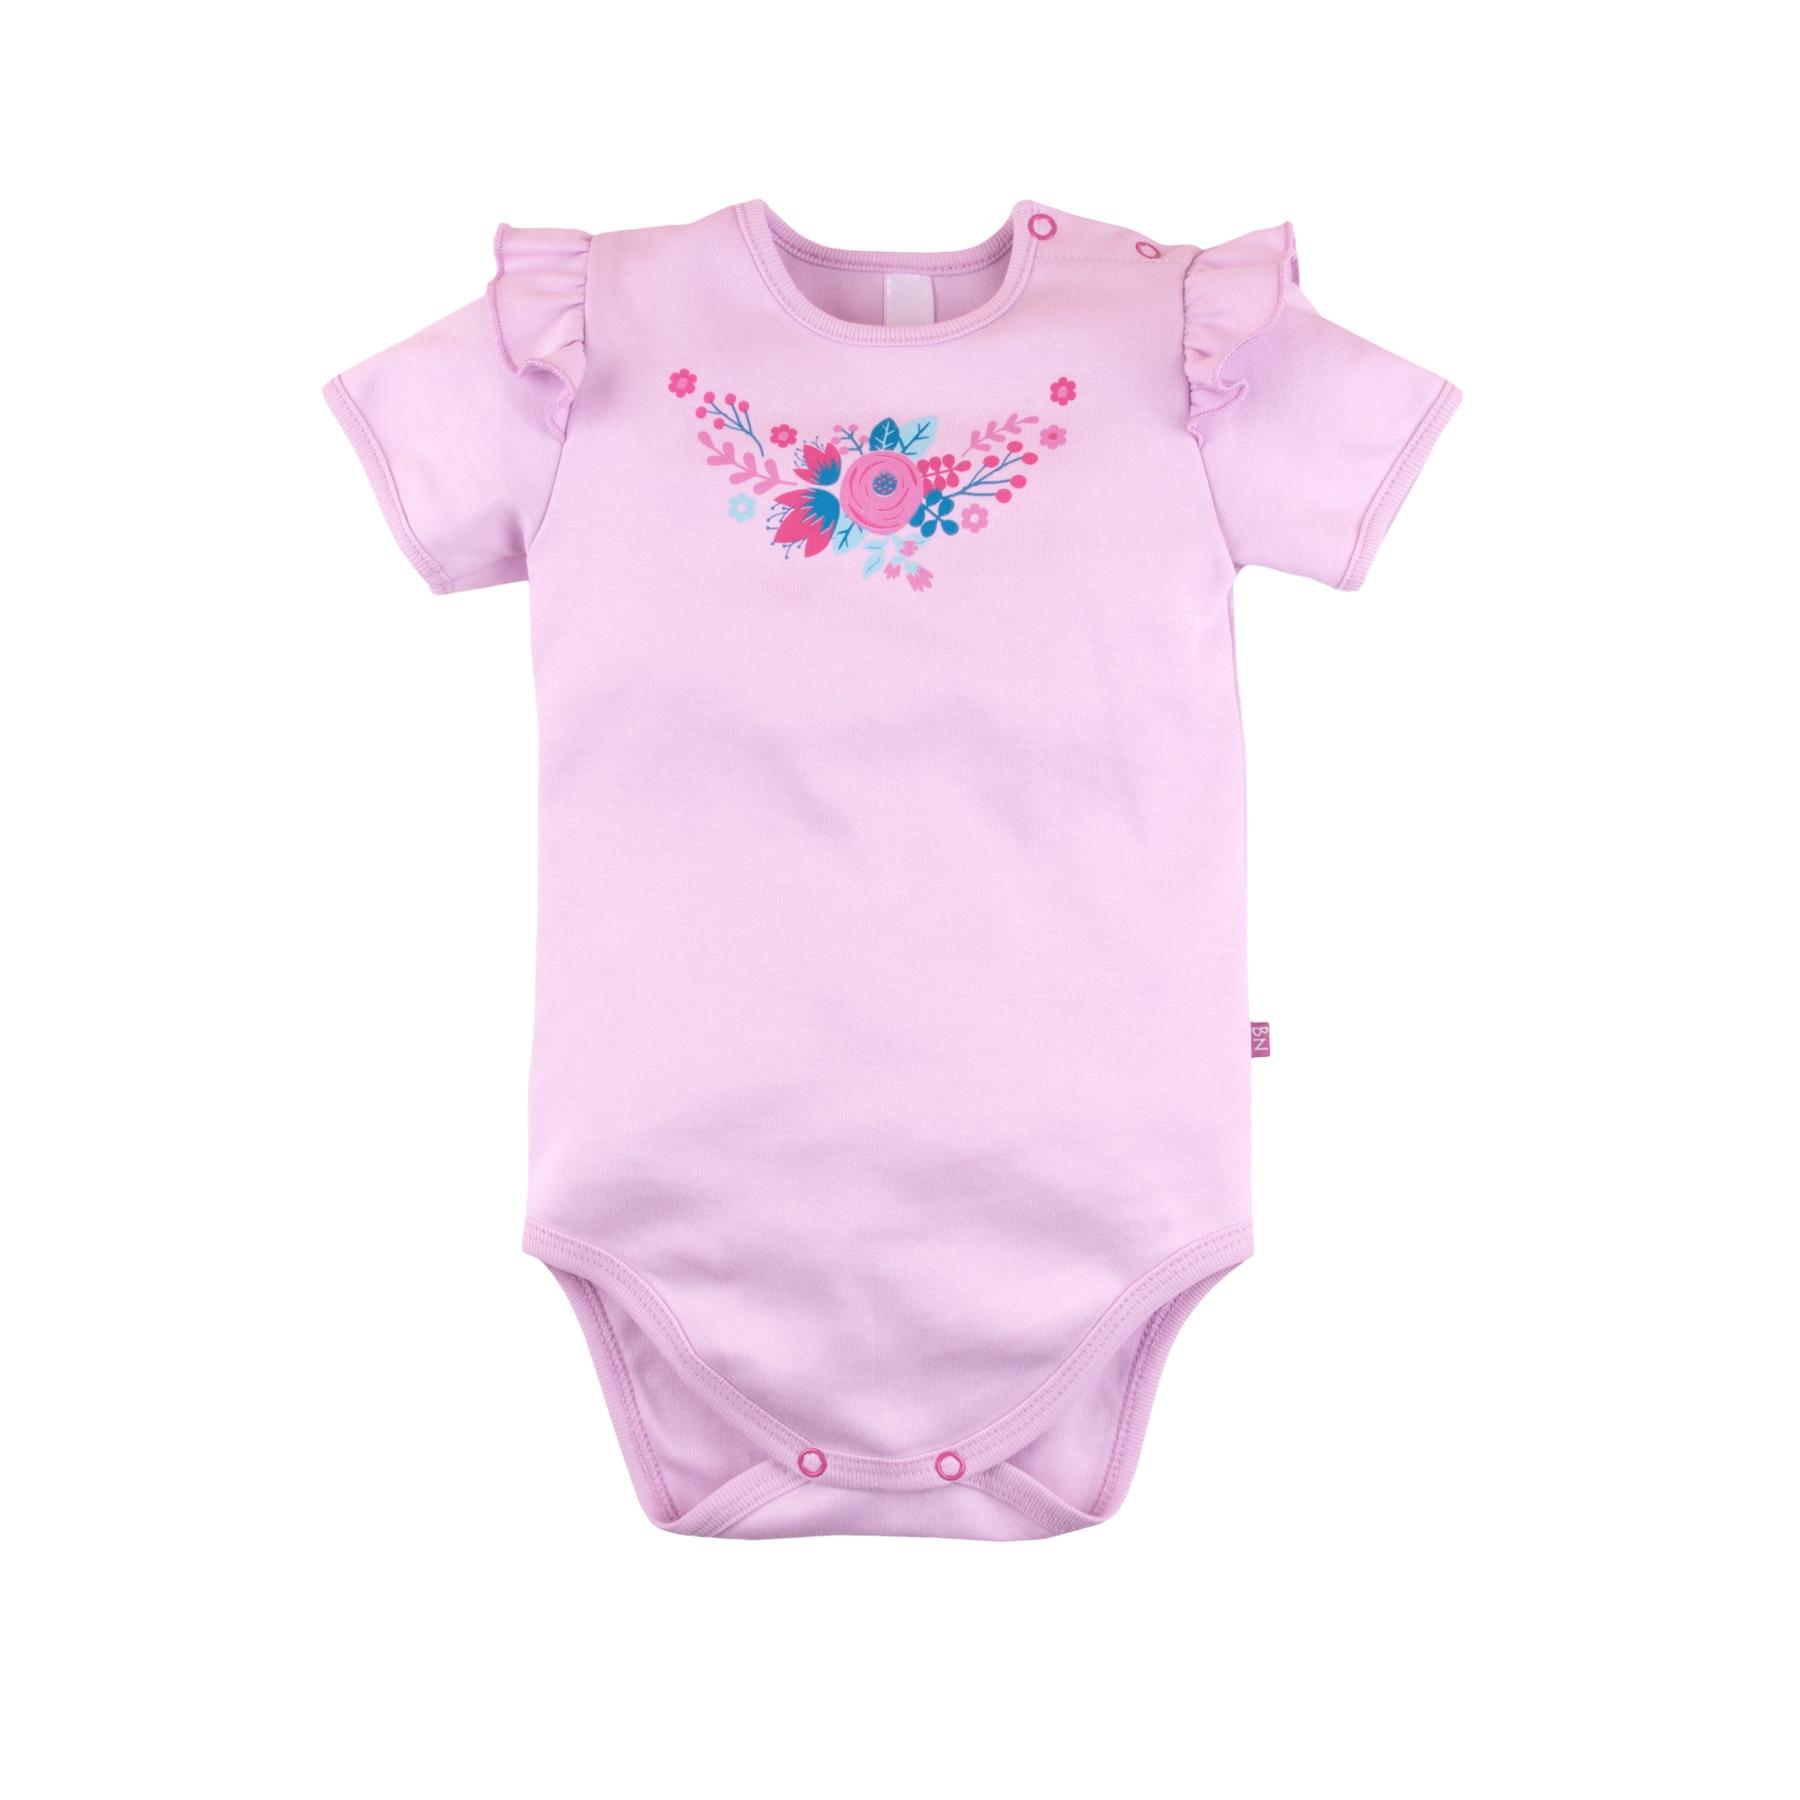 купить Bodysuit short sleeve \ Violet \ NOVA BOSSA 585Б-361 онлайн